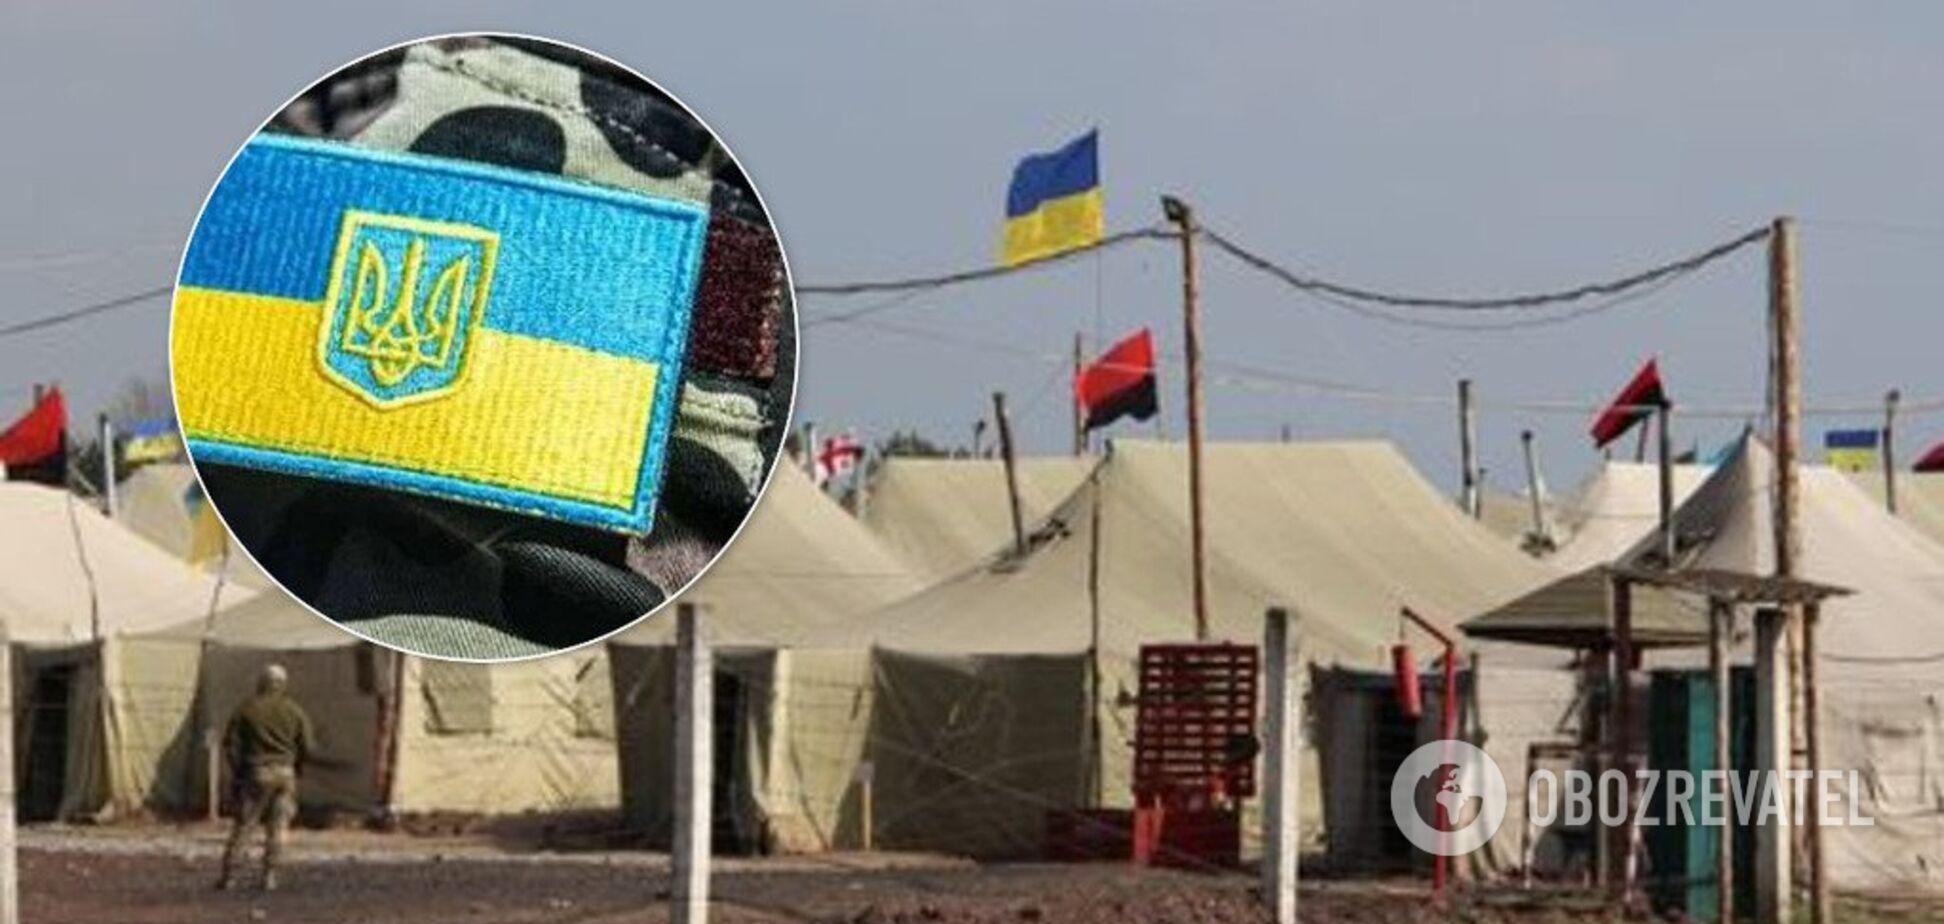 Россияне выдали перл о 'самосуде' в ВСУ: там развенчали громкий фейк